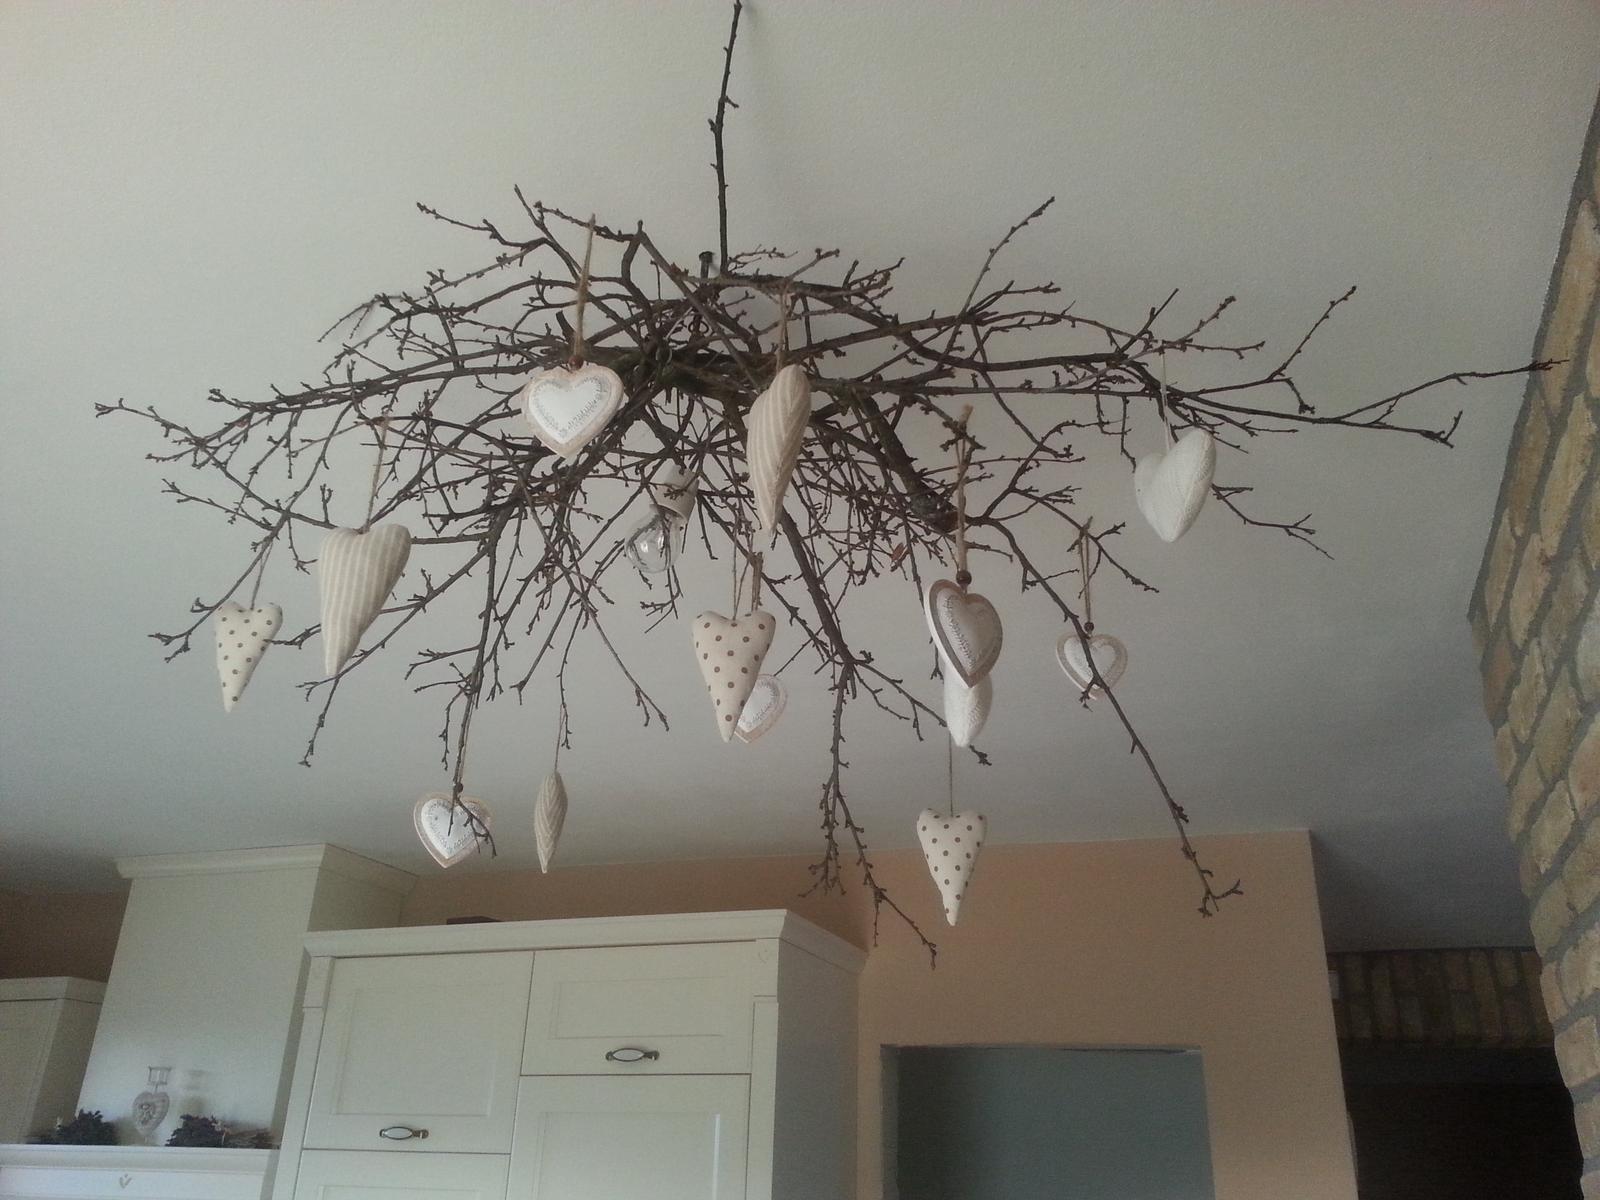 U nás doma  🏠 🌼 🌞👫👭👶 - Nemame ešte luster, tak som si vytvorila sama :-) pár konárikov nejaká dekorácia a tu je výsledok :-)